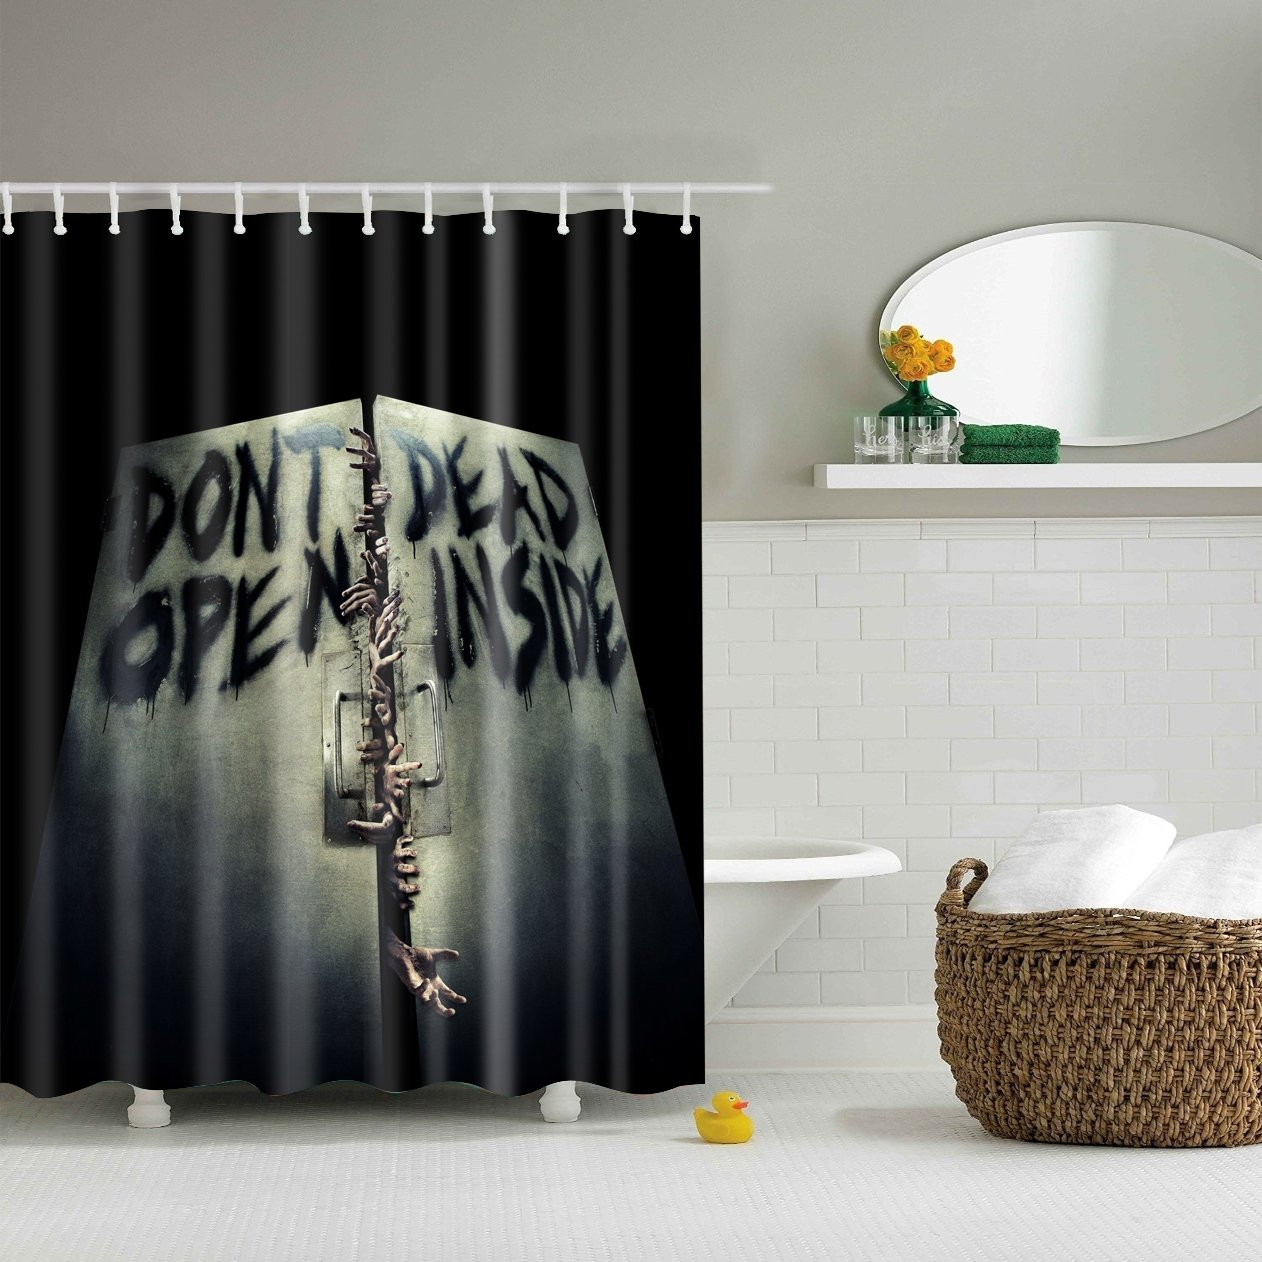 Walking Dead Do Not Open Inside Scary Shower Curtain Bathroom